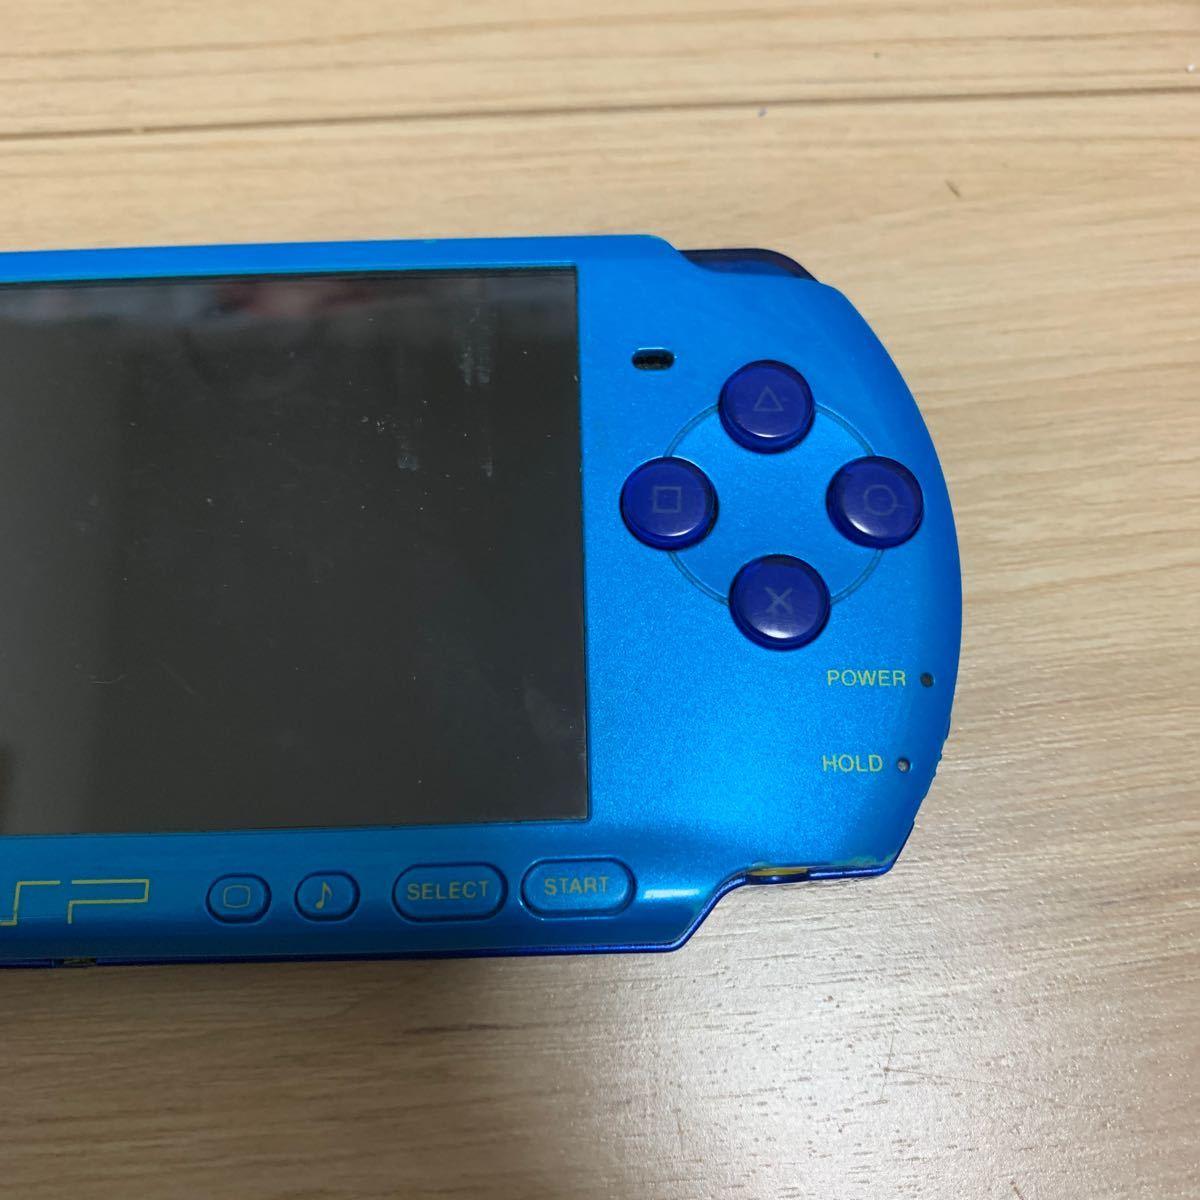 PSP-3000 PSP本体 マリンブルー スカイブルー